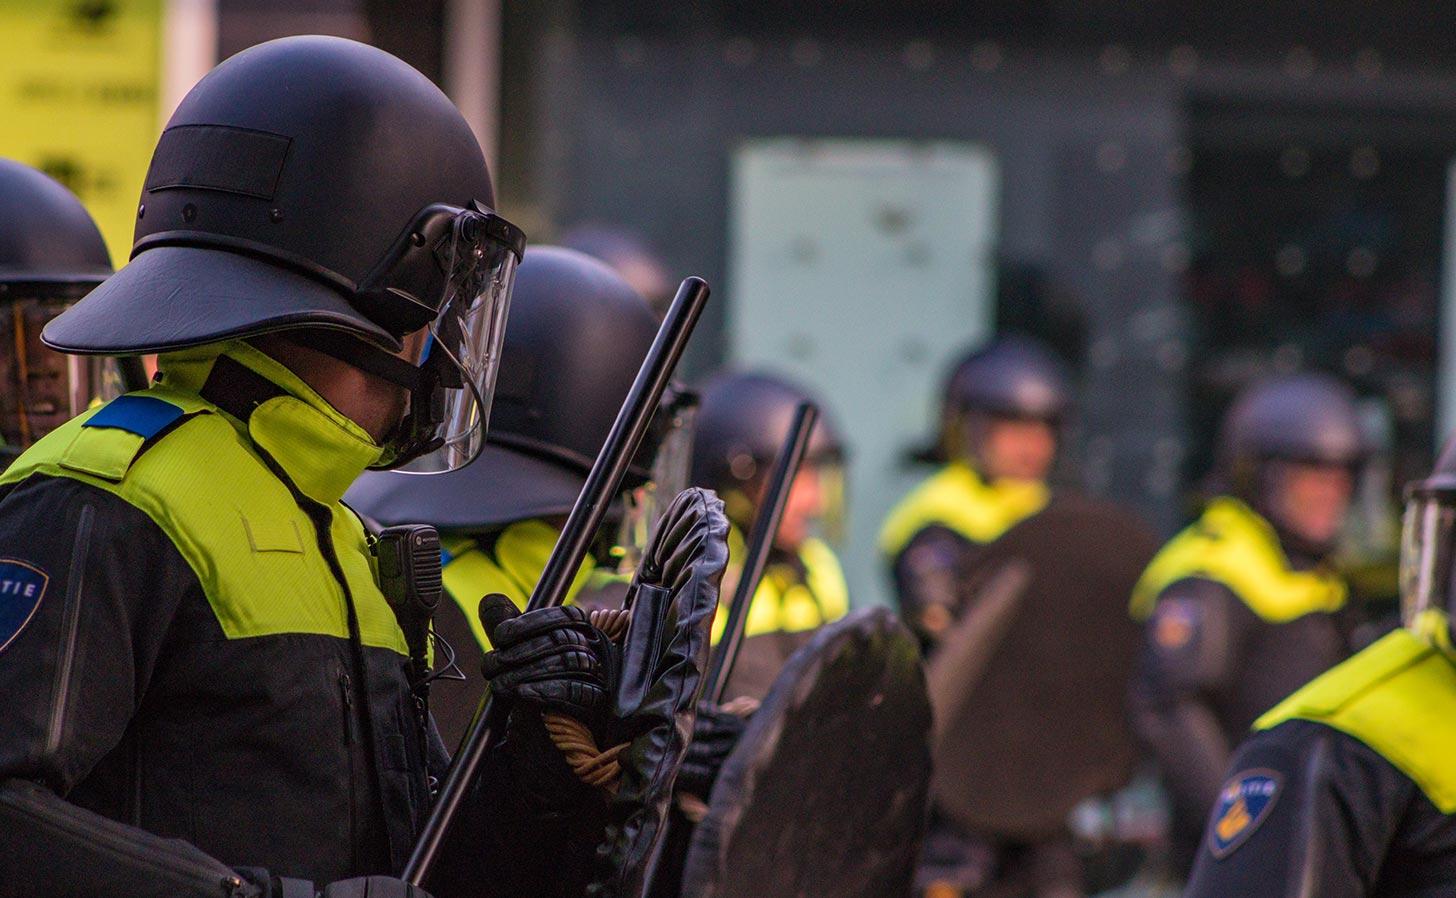 Polis vid demonstration (bilden är inte från den aktuella händelsen). Foto: Ben Koorengevel / Unsplash